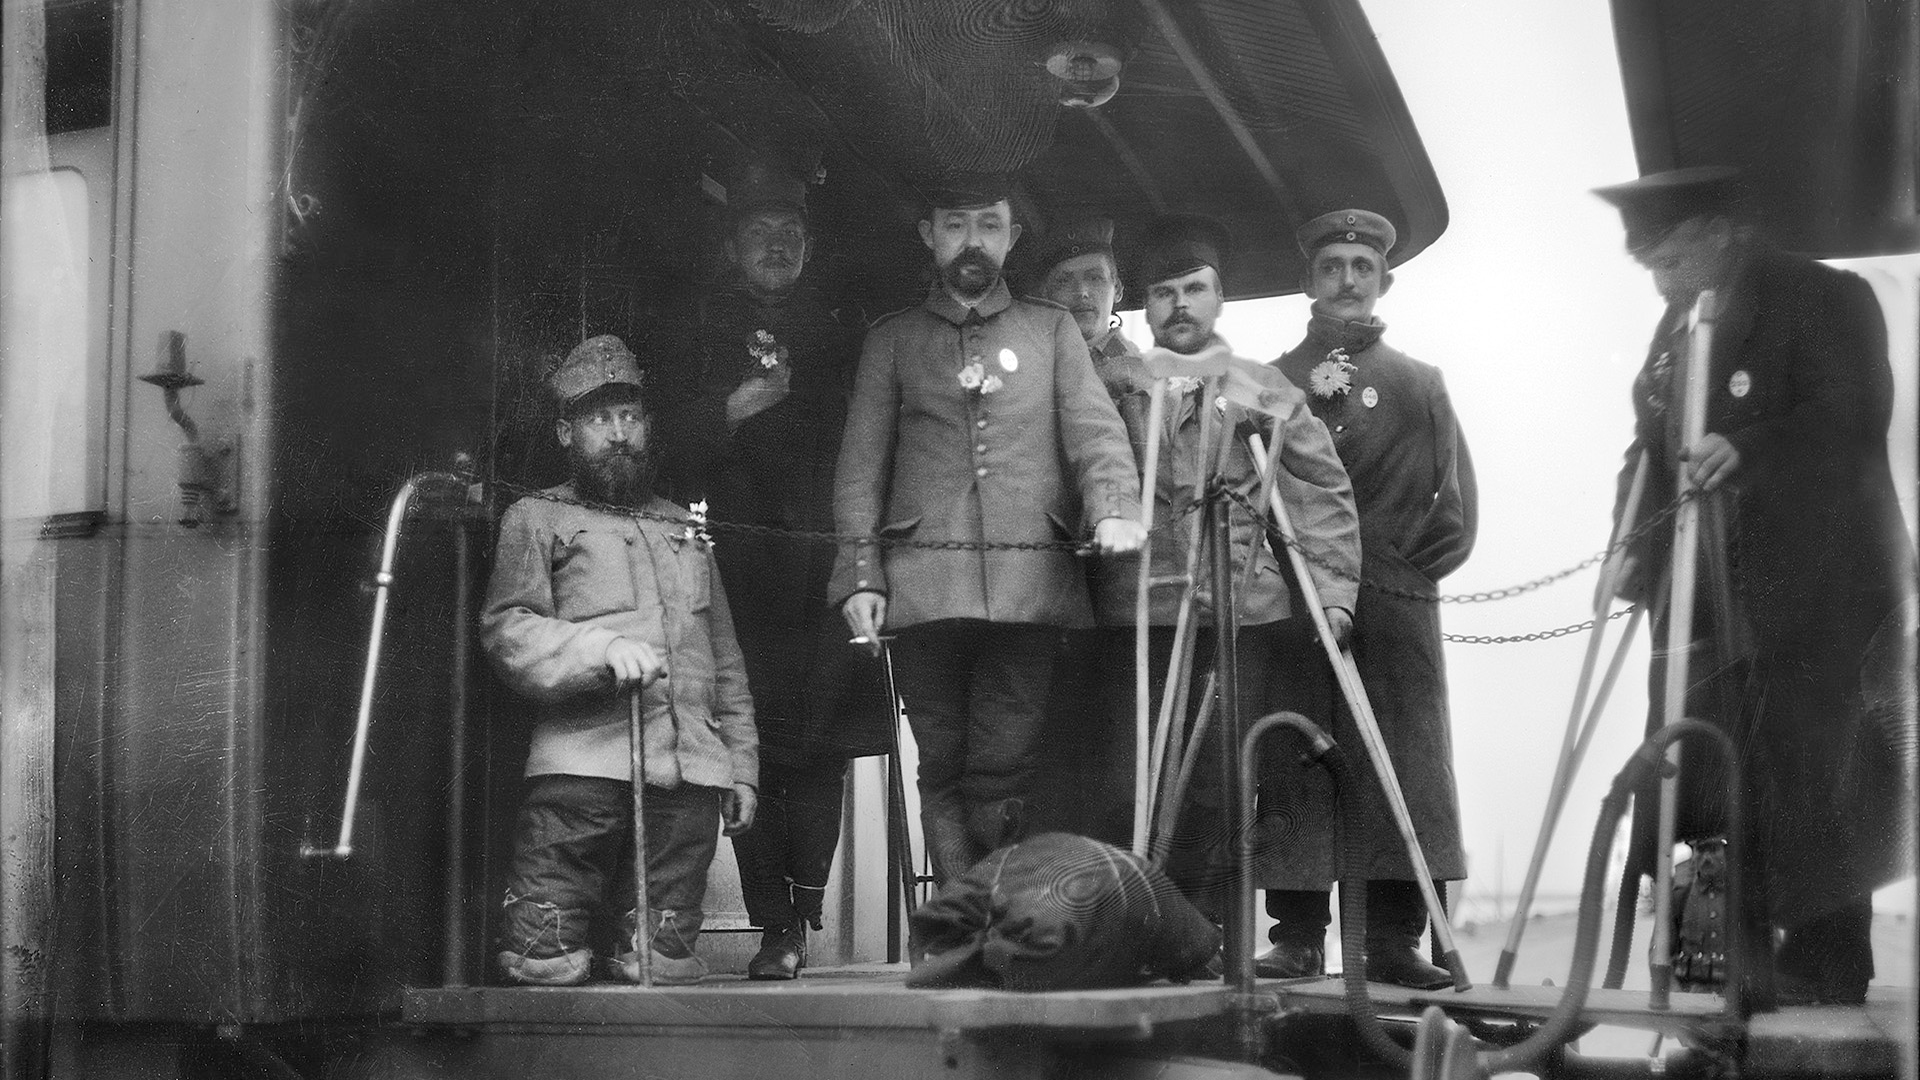 Skadade krigsfångar på ett tåg.